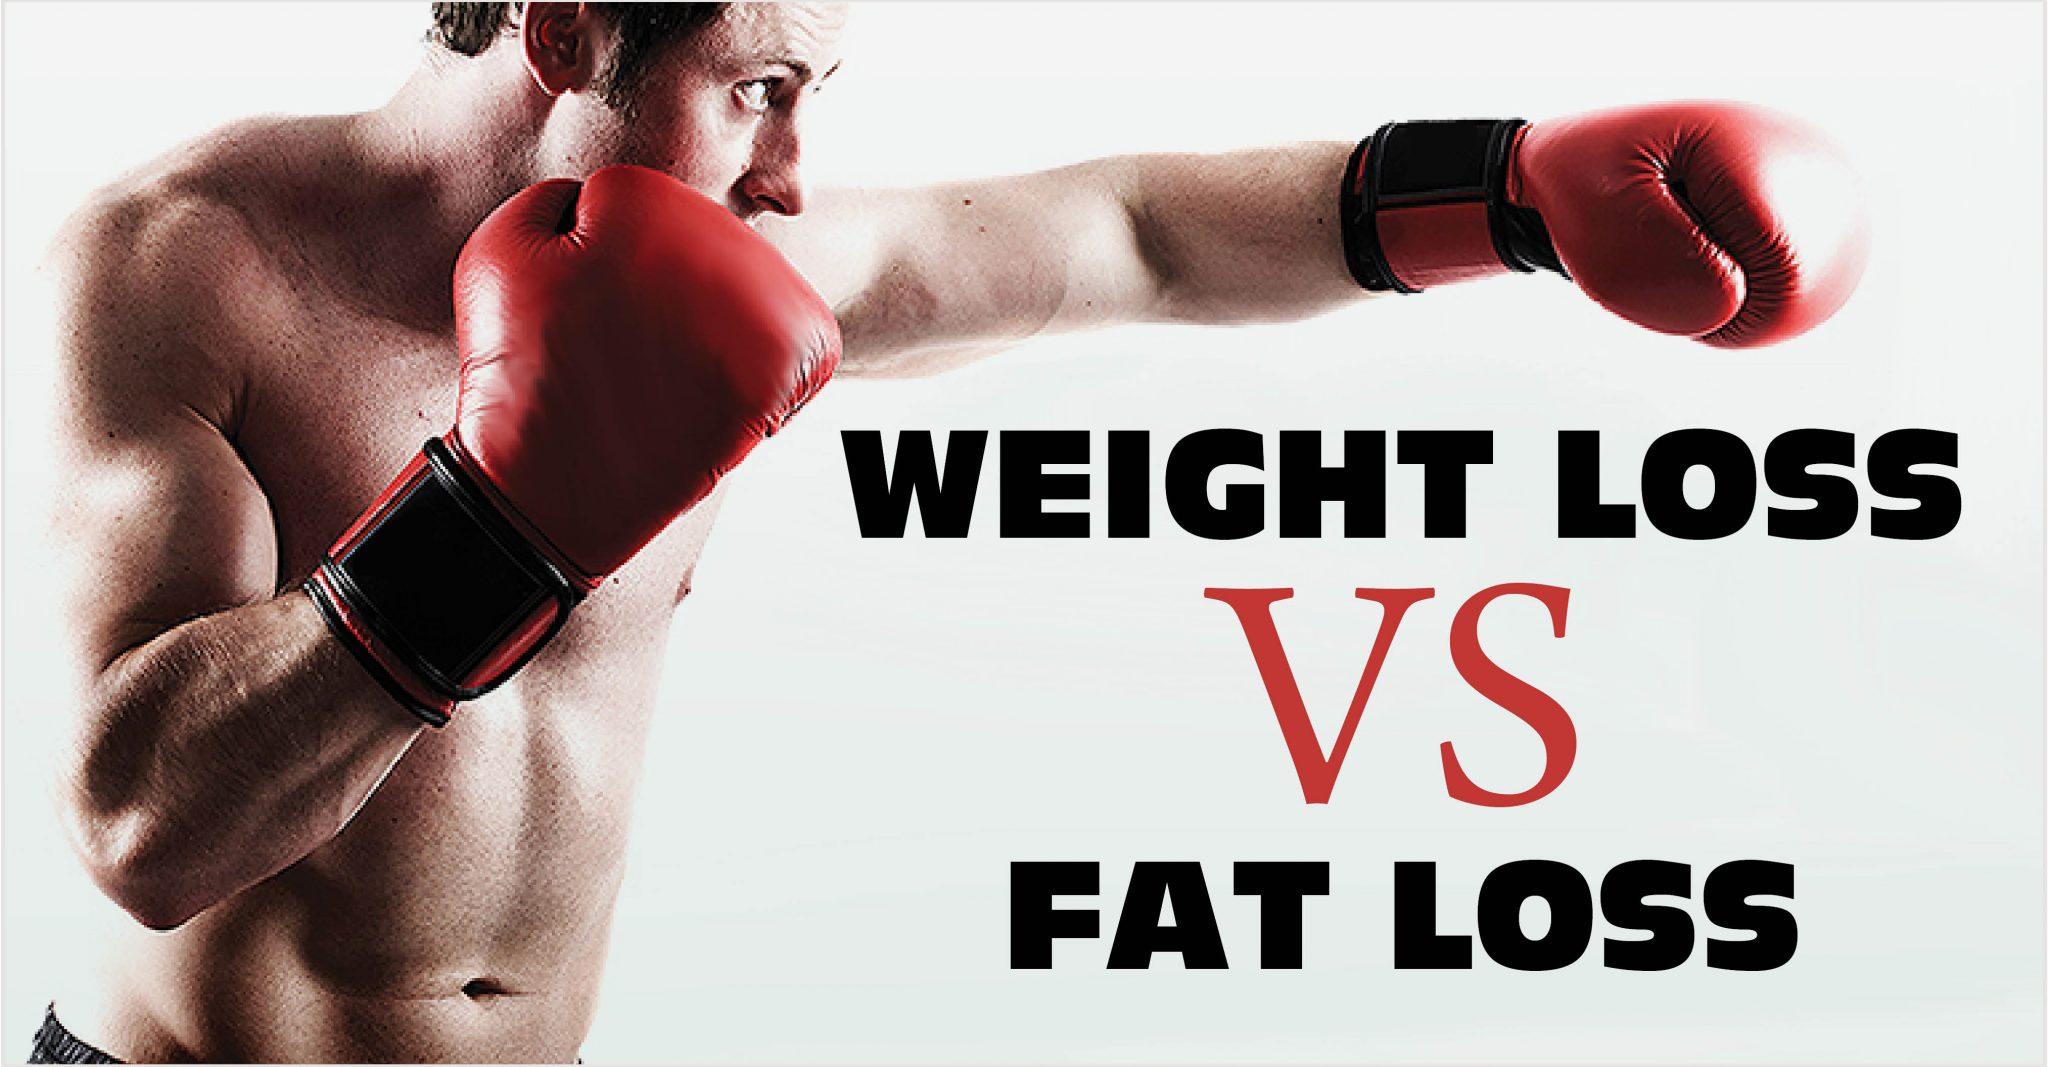 15 BS pierdere în greutate Fapte pe care toată lumea crede că sunt adevărate